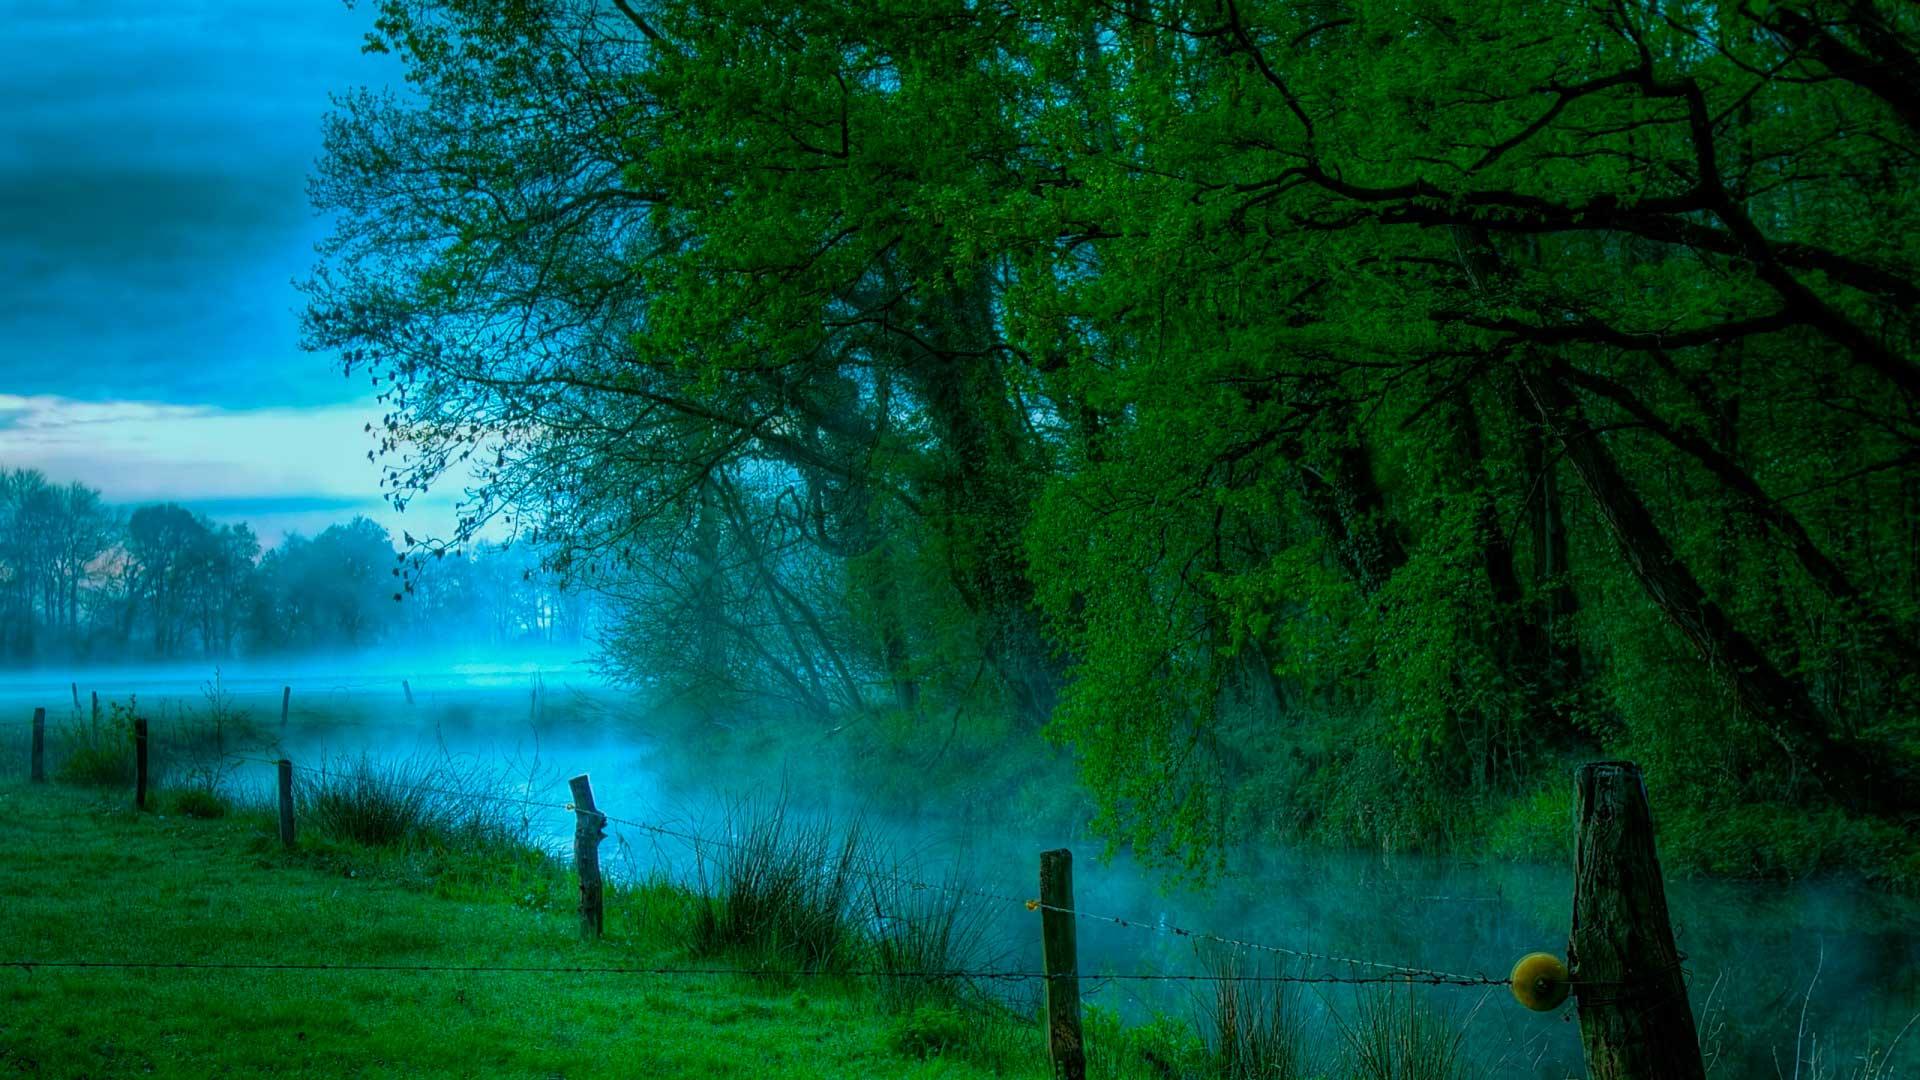 Обои яркий пейзаж зеленый пейзаж в